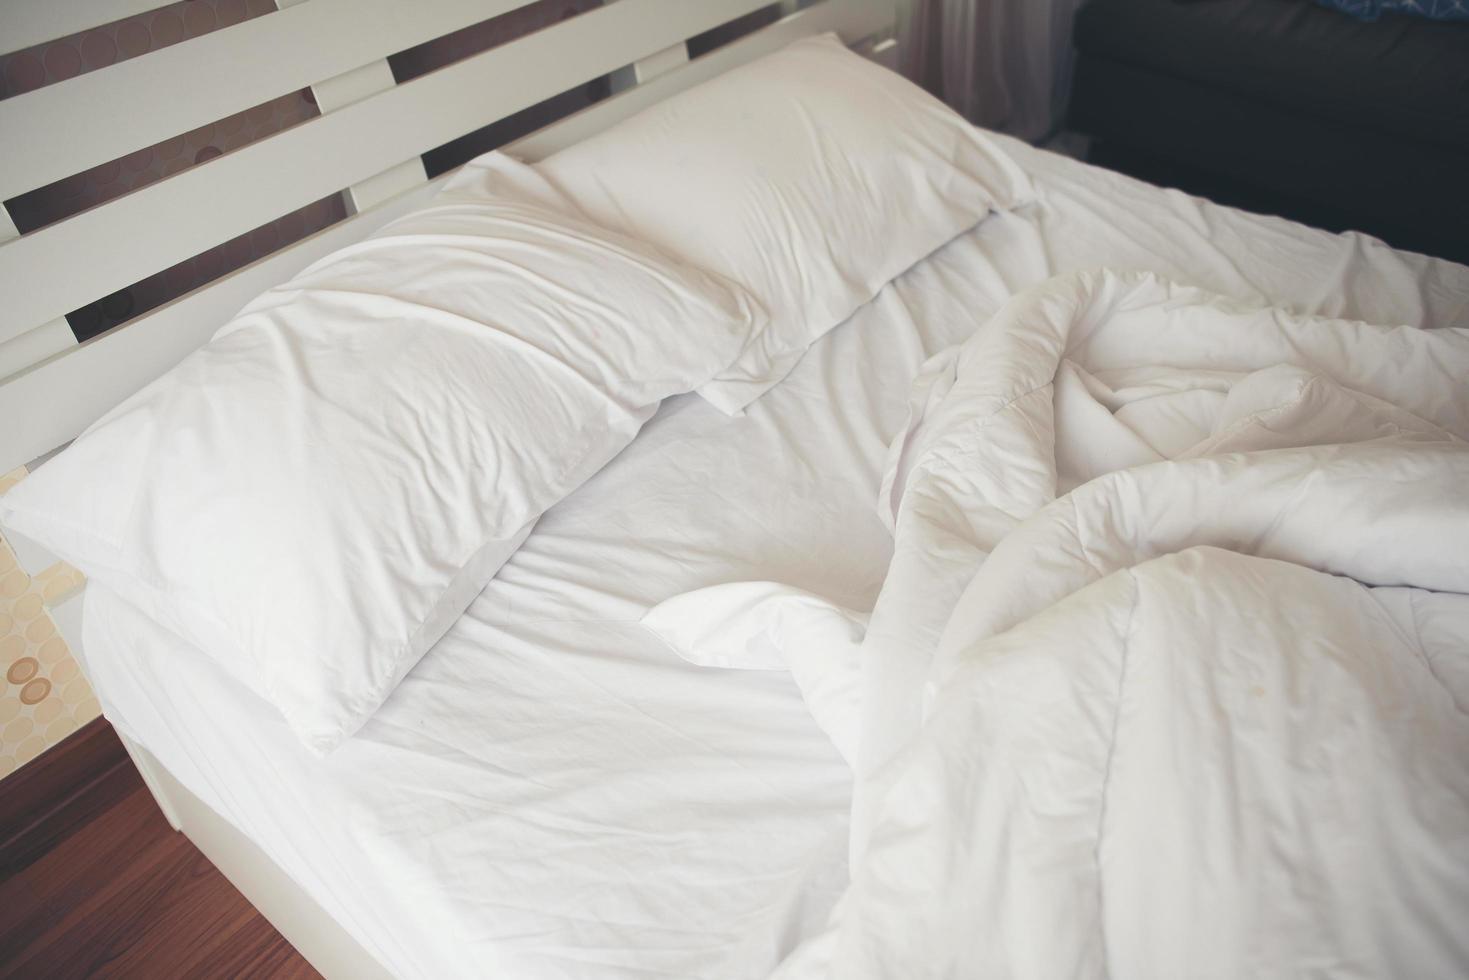 sábanas arrugadas en el dormitorio foto